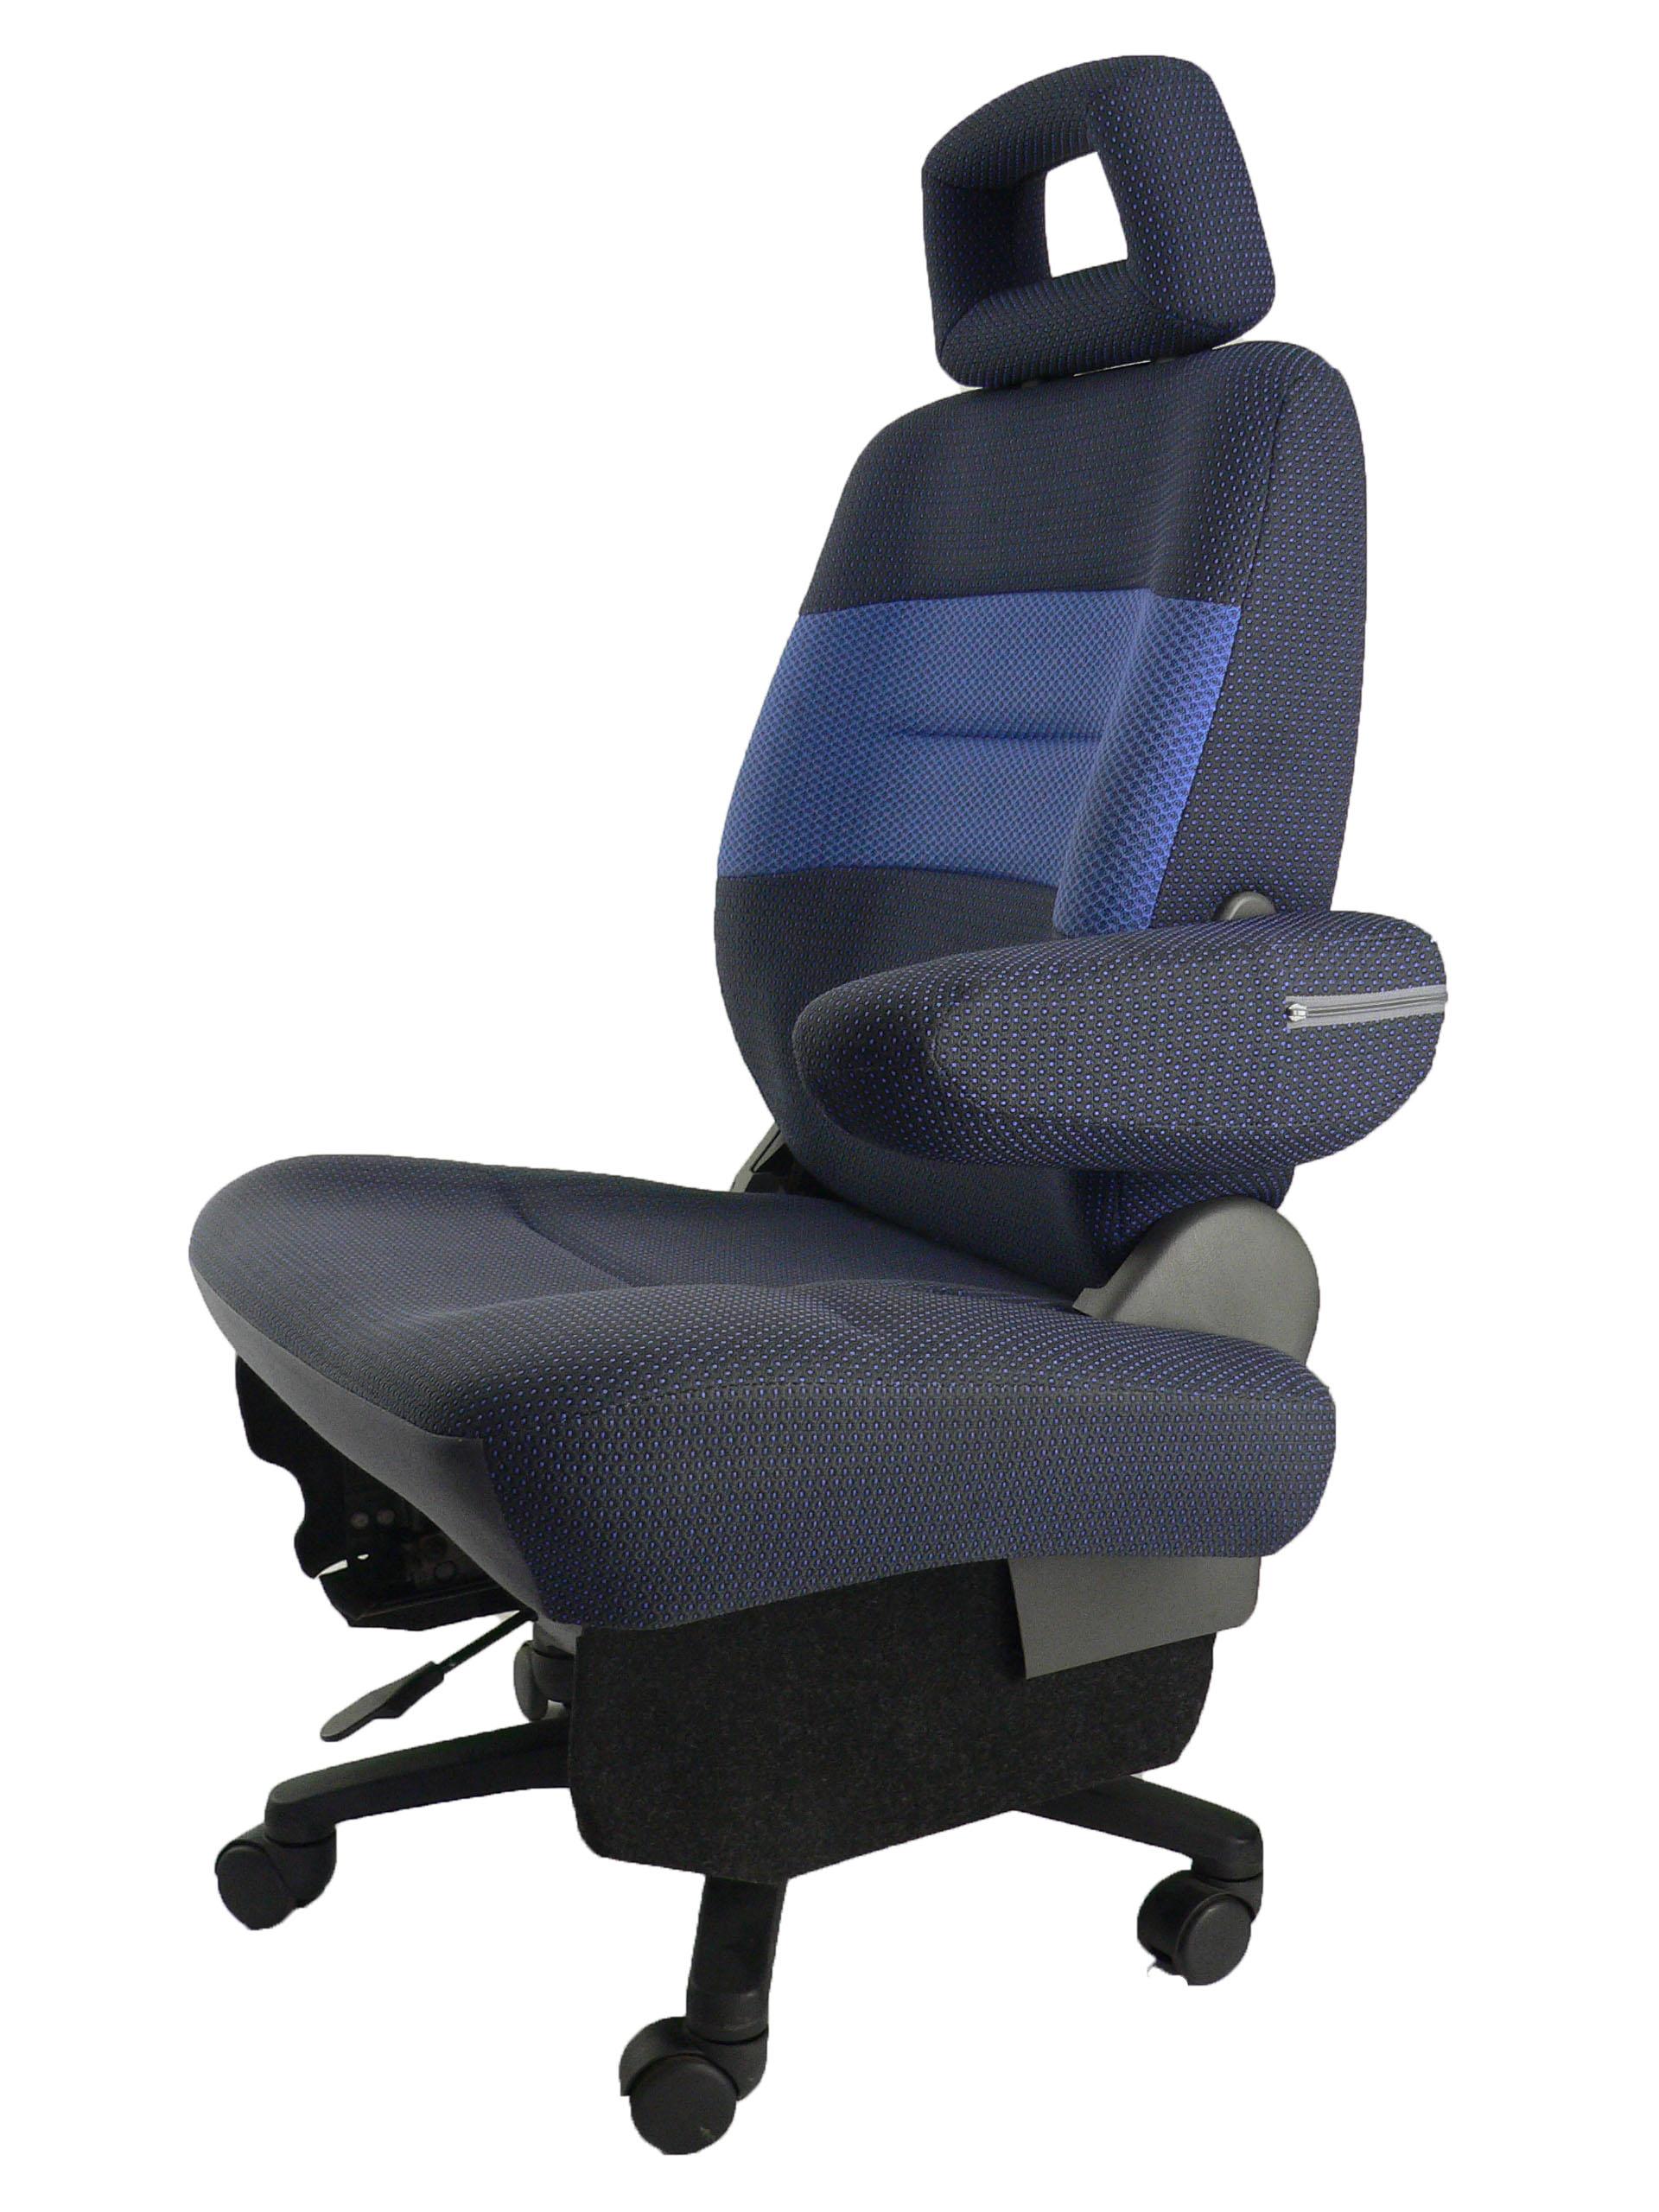 スズキワゴンR MC21S★自動車シートがリクライニングチェアー(デスクチェア)に、環境と健康に優しい椅子。